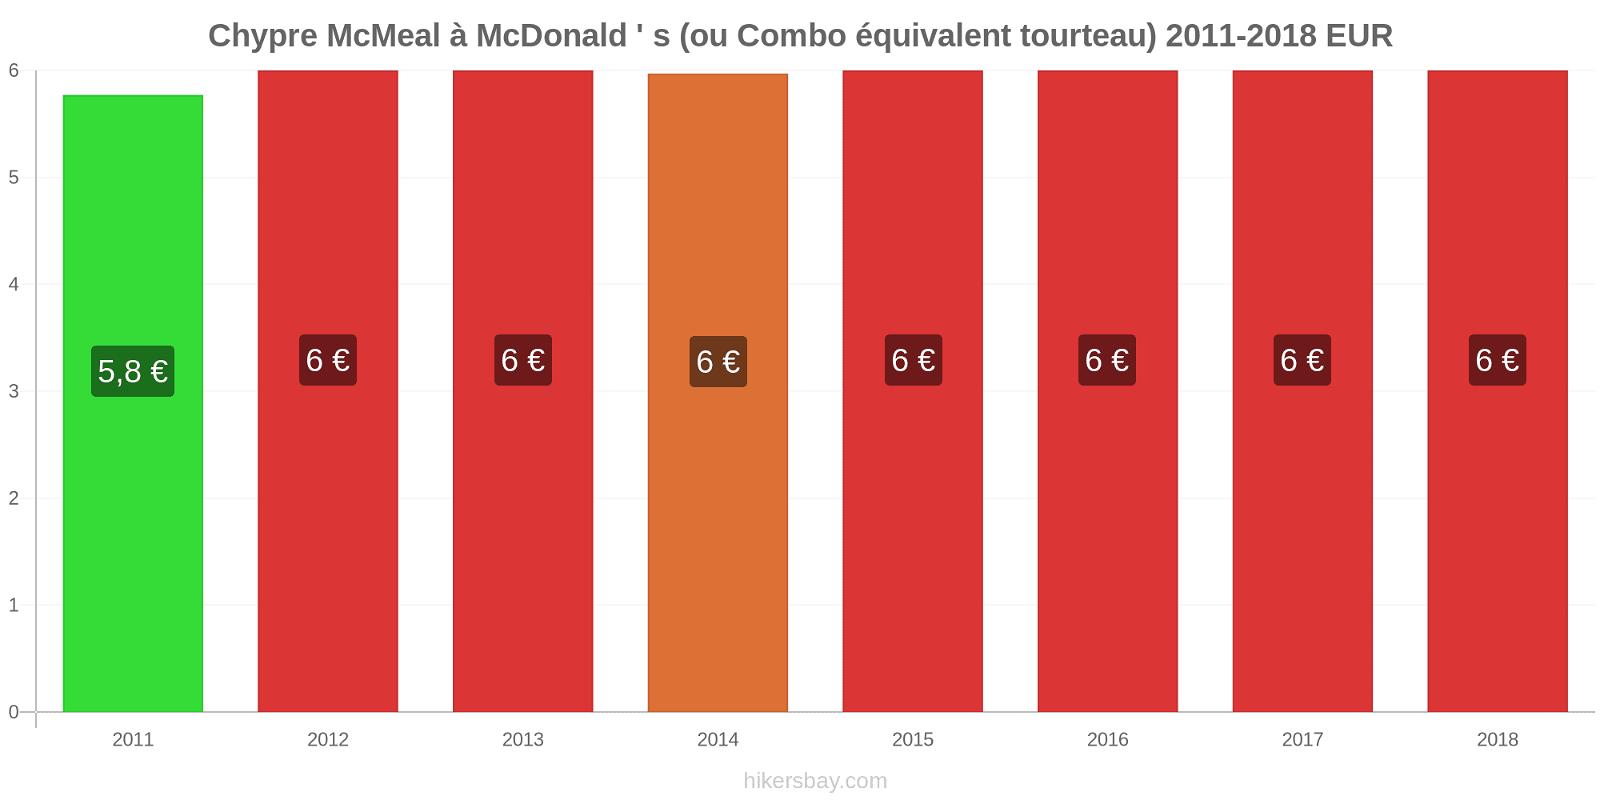 Chypre changements de prix McMeal à McDonald ' s (ou Combo équivalent tourteau) hikersbay.com